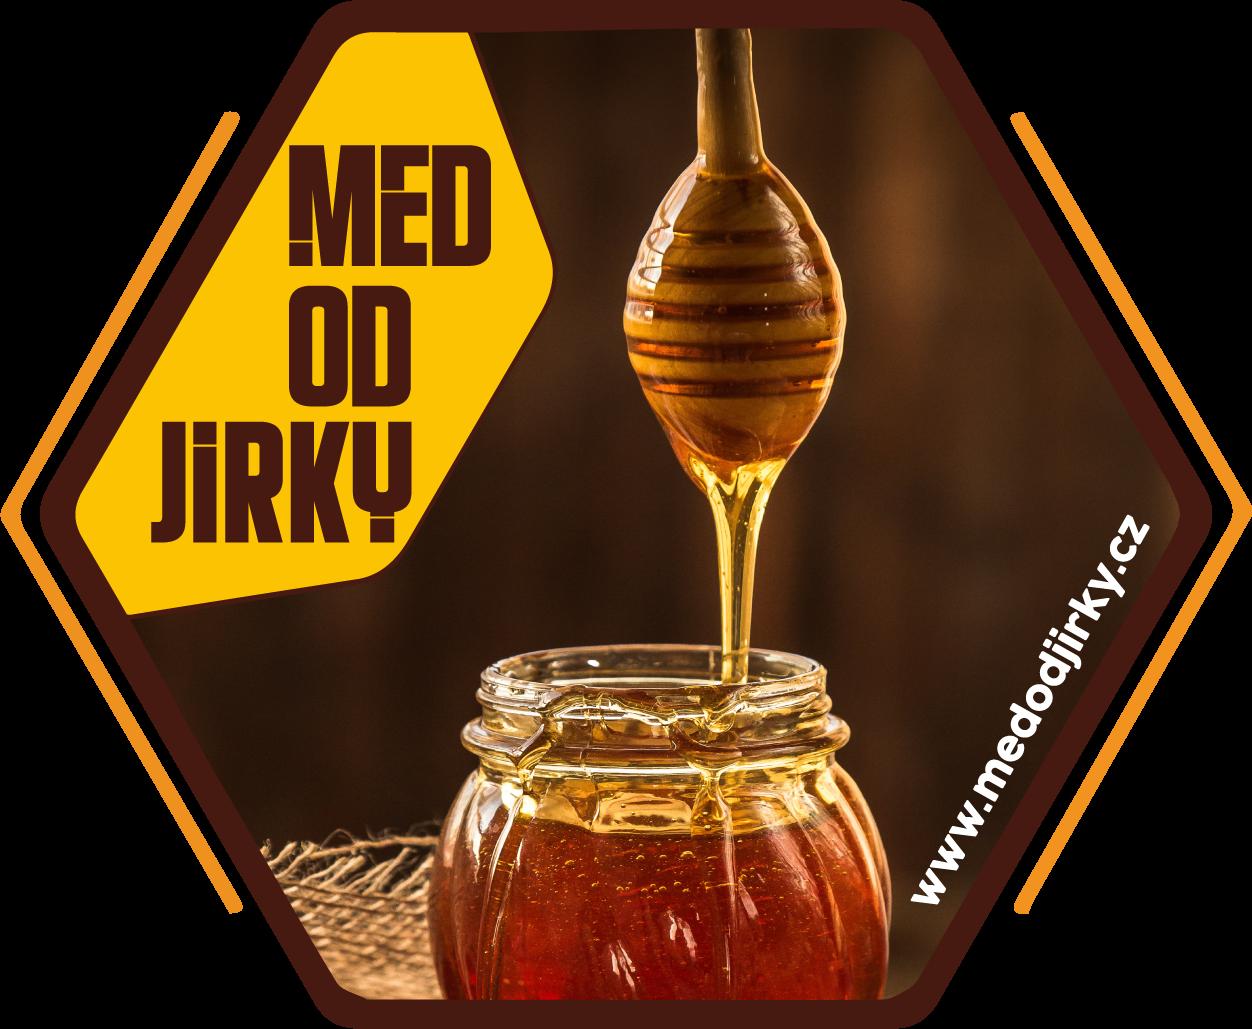 Med od Jirky